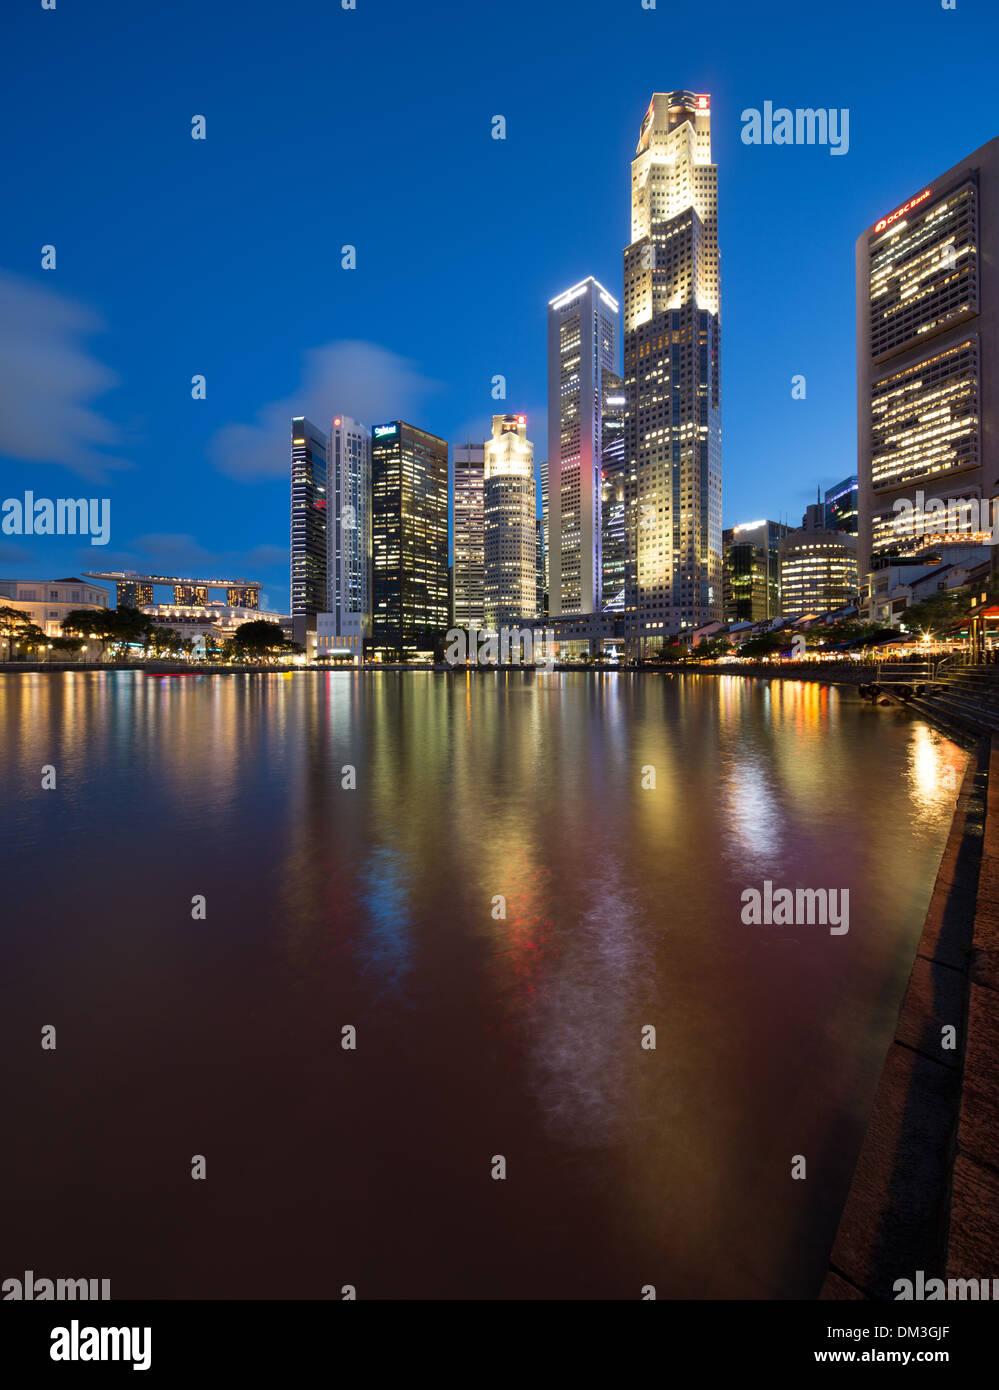 El Distrito Central de Negocios de noche de Boat Quay, Singapur Imagen De Stock